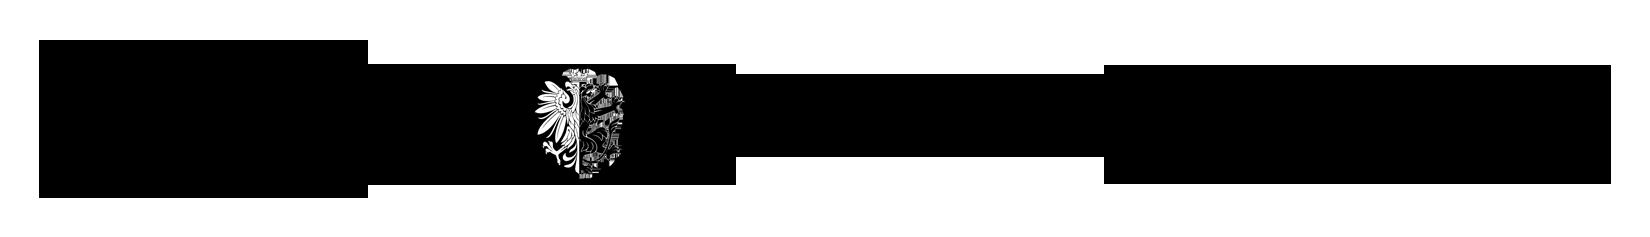 loga programu